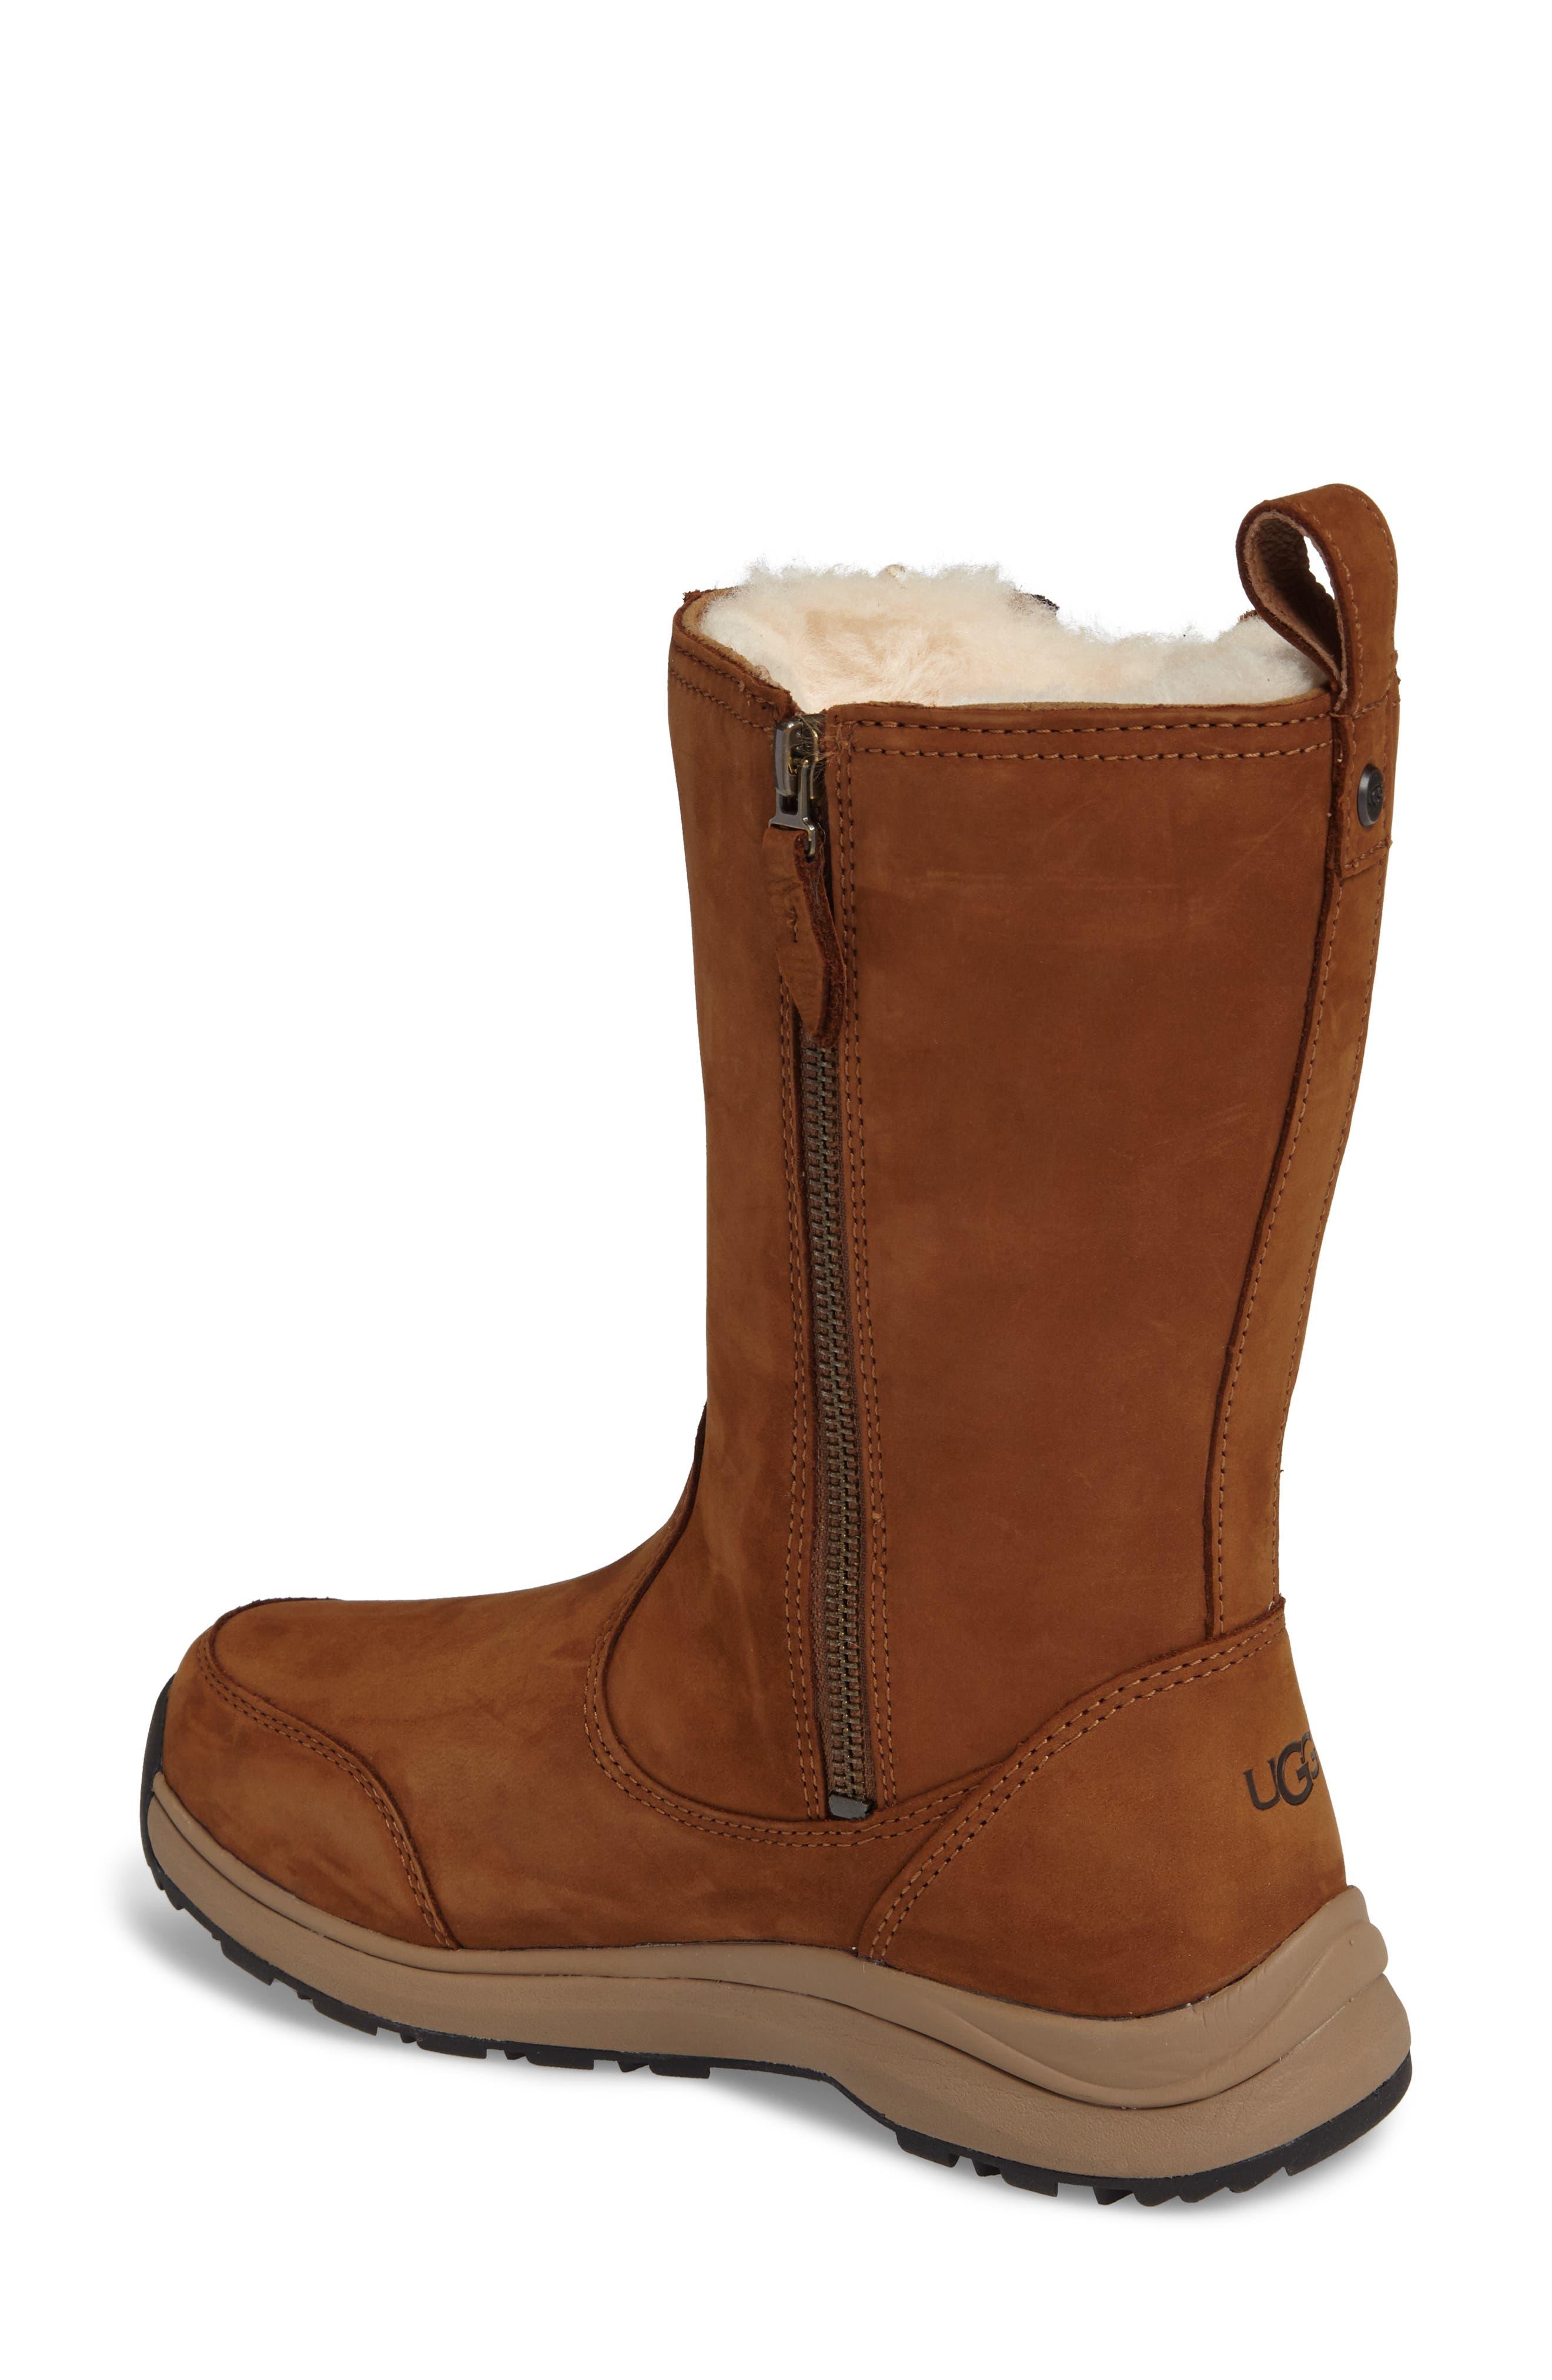 Alternate Image 2  - UGG® Suvi Waterproof Insulated Winter Boot (Women)